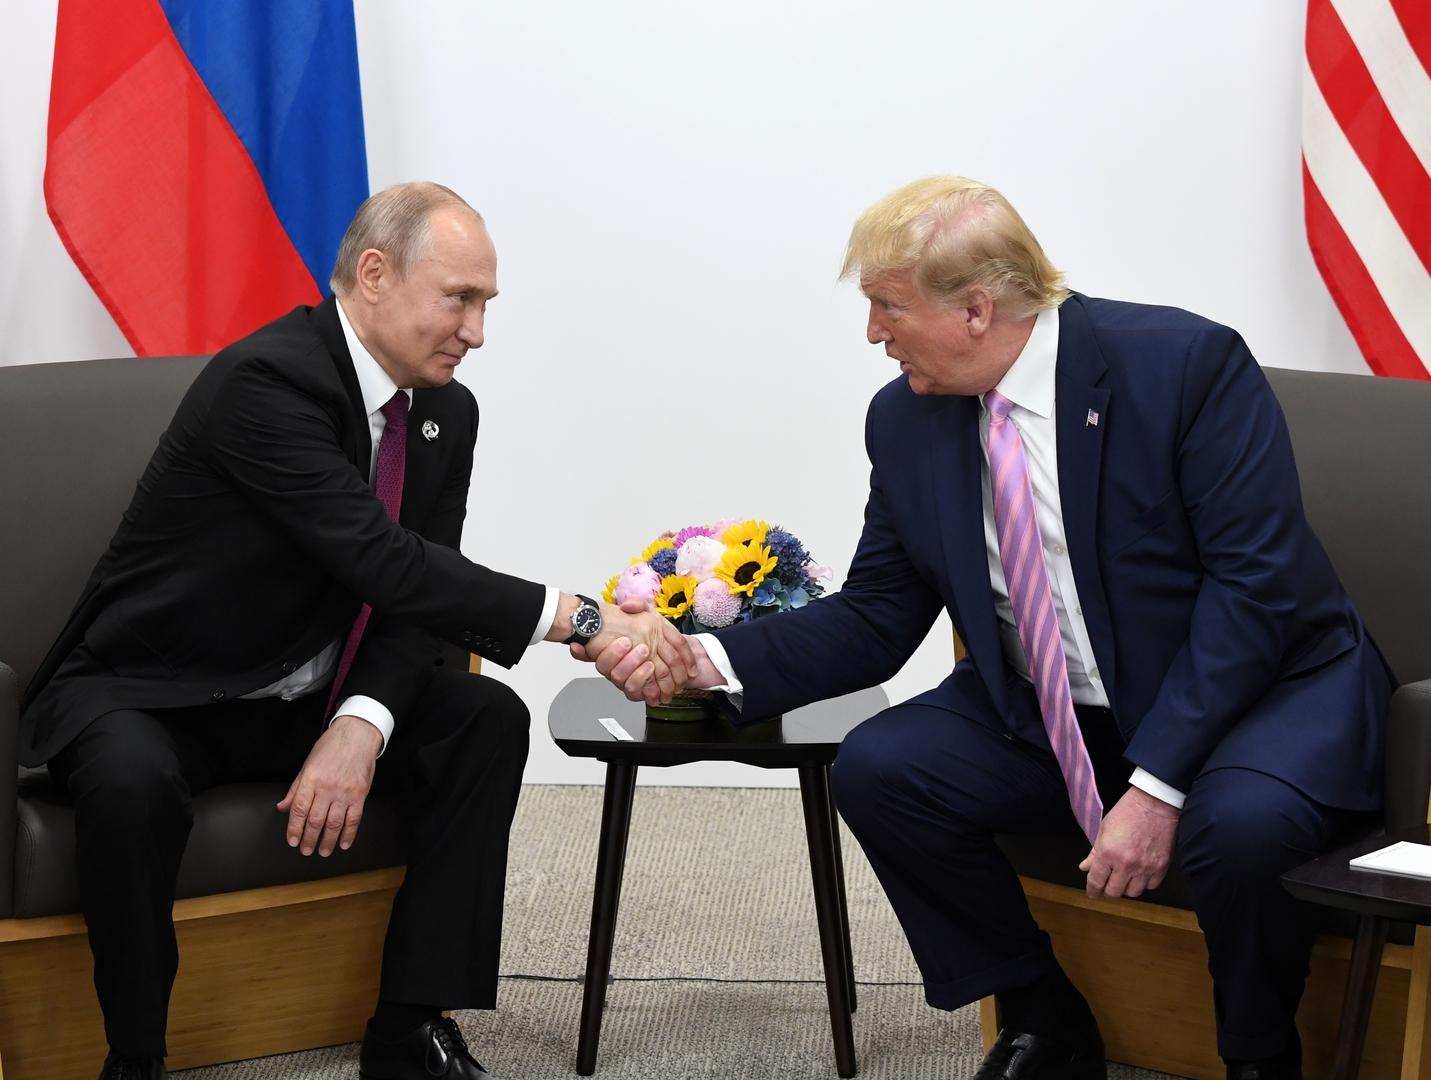 الكرملين: بوتين وترامب يجريان مكالمة بناءة حول الاستقرار الاستراتيجي والسيطرة على الأسلحة